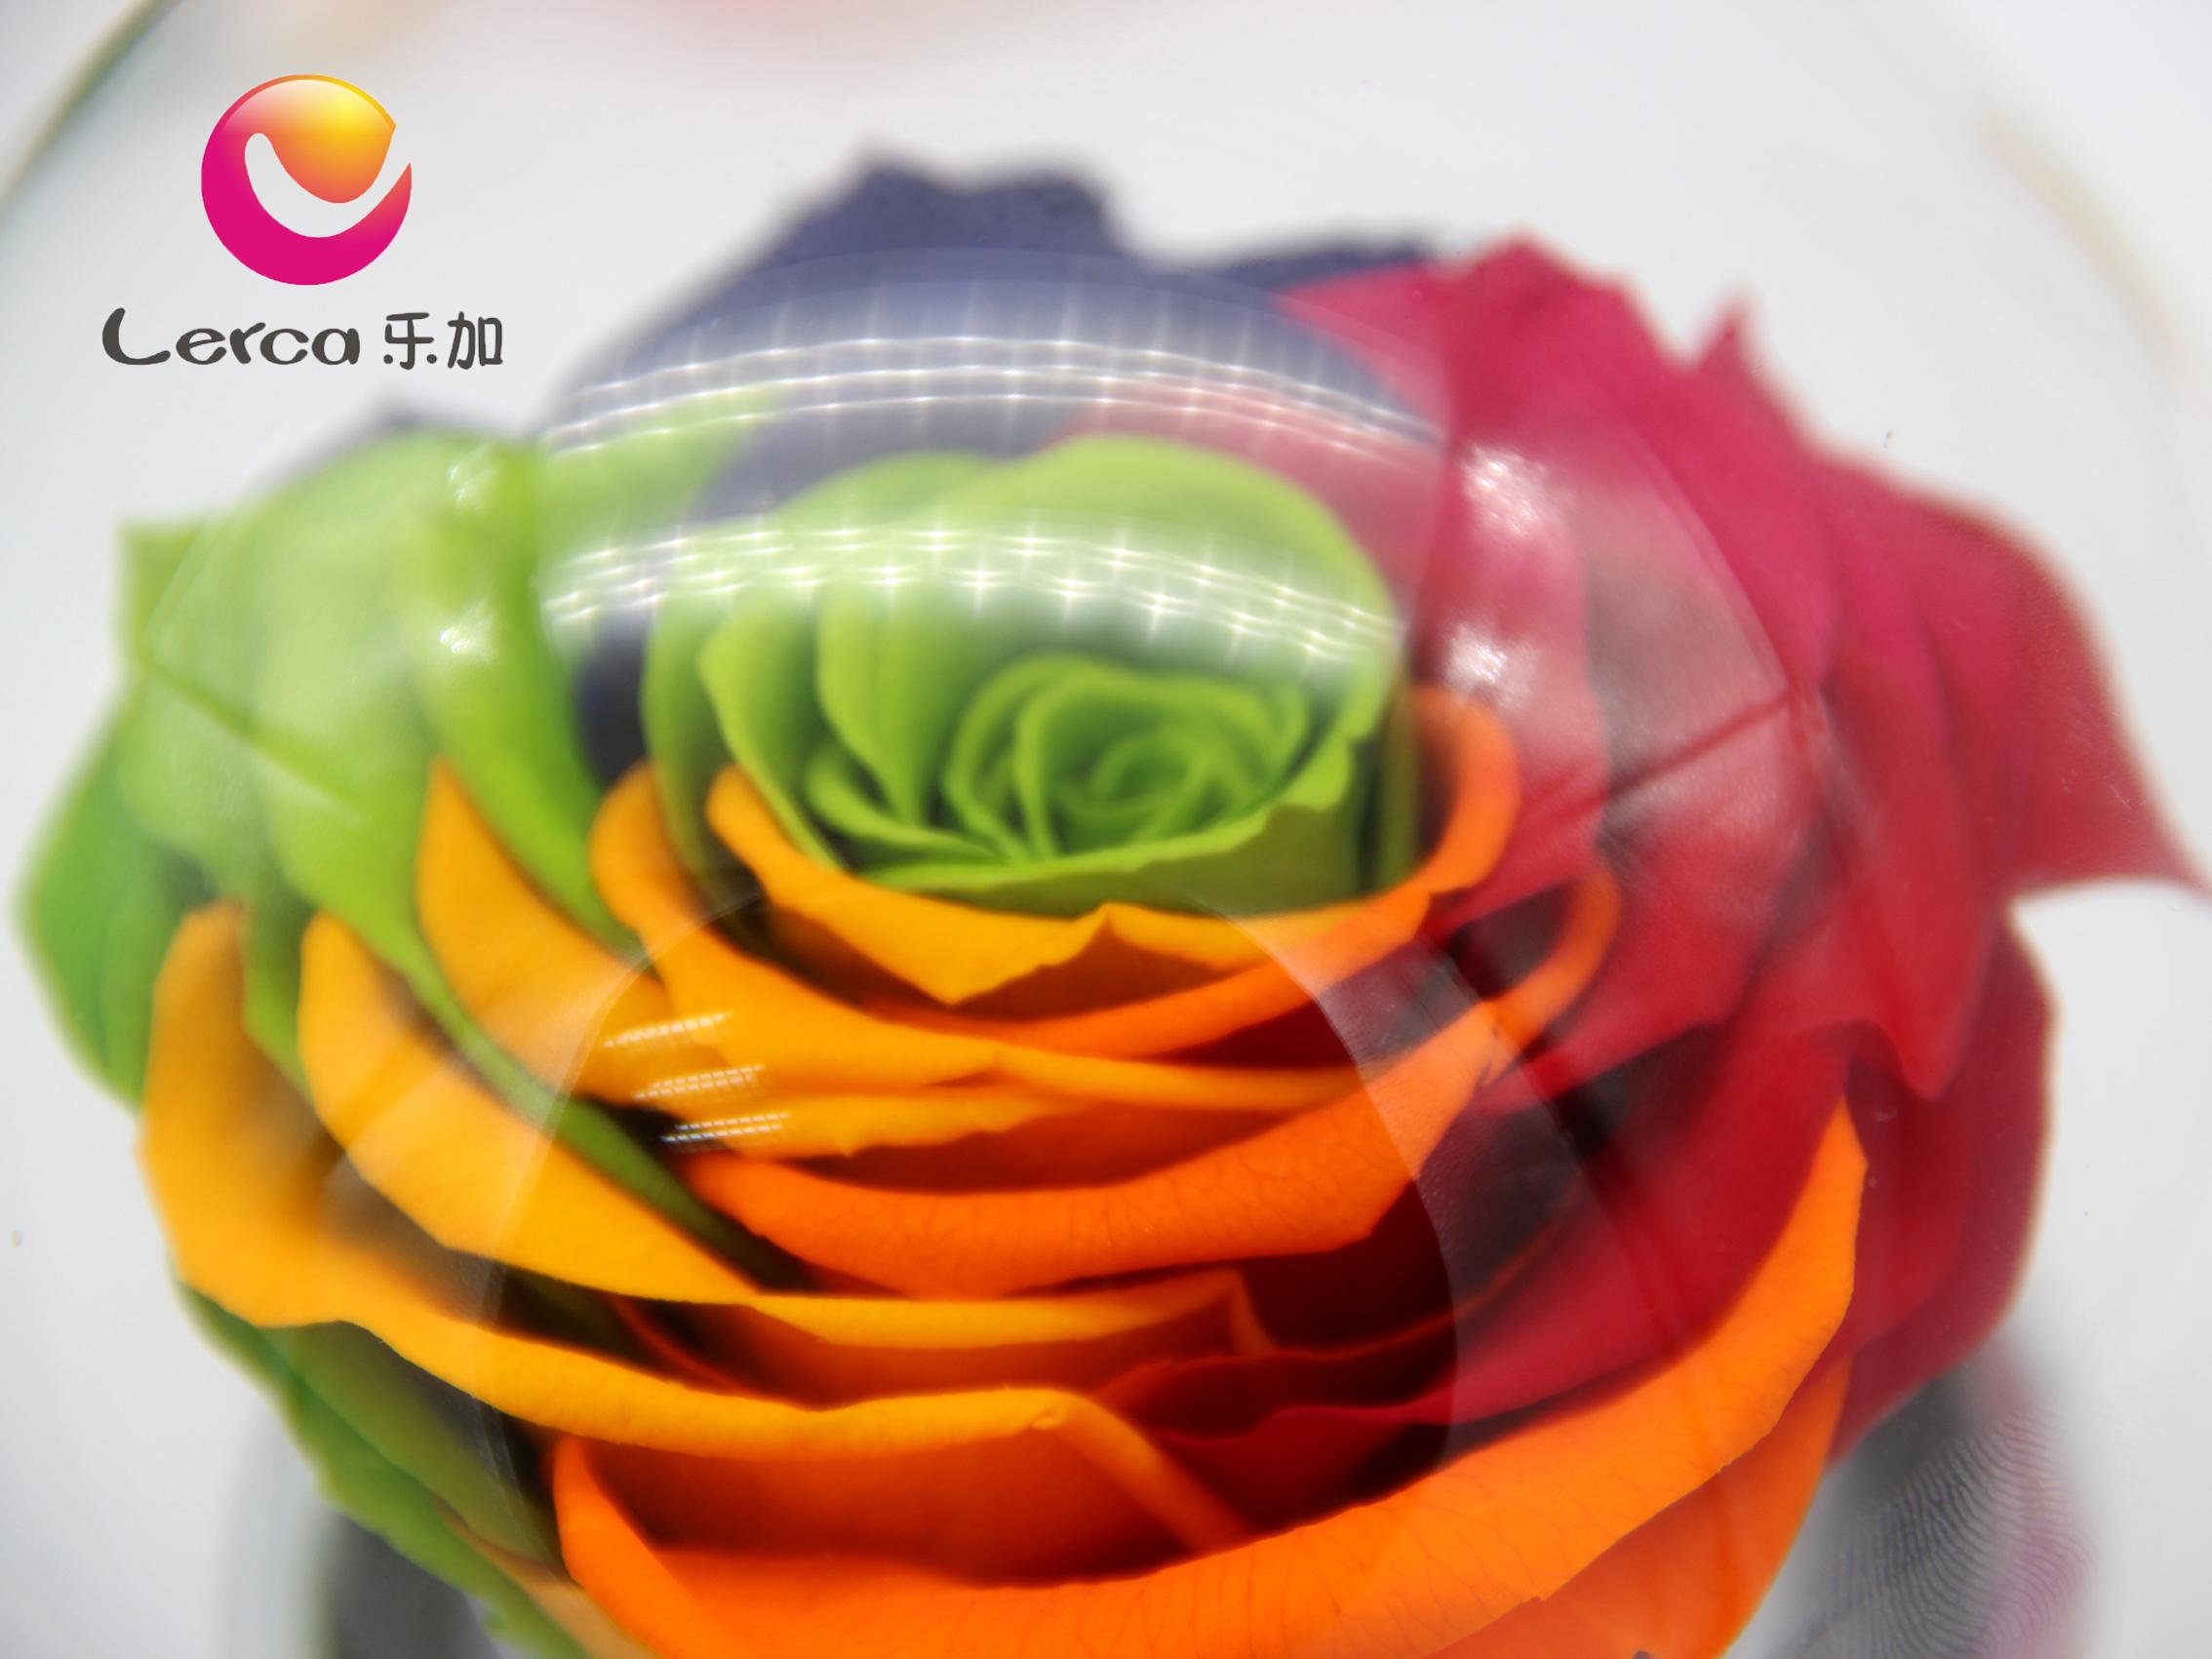 永生花玫瑰进口与国产的区别